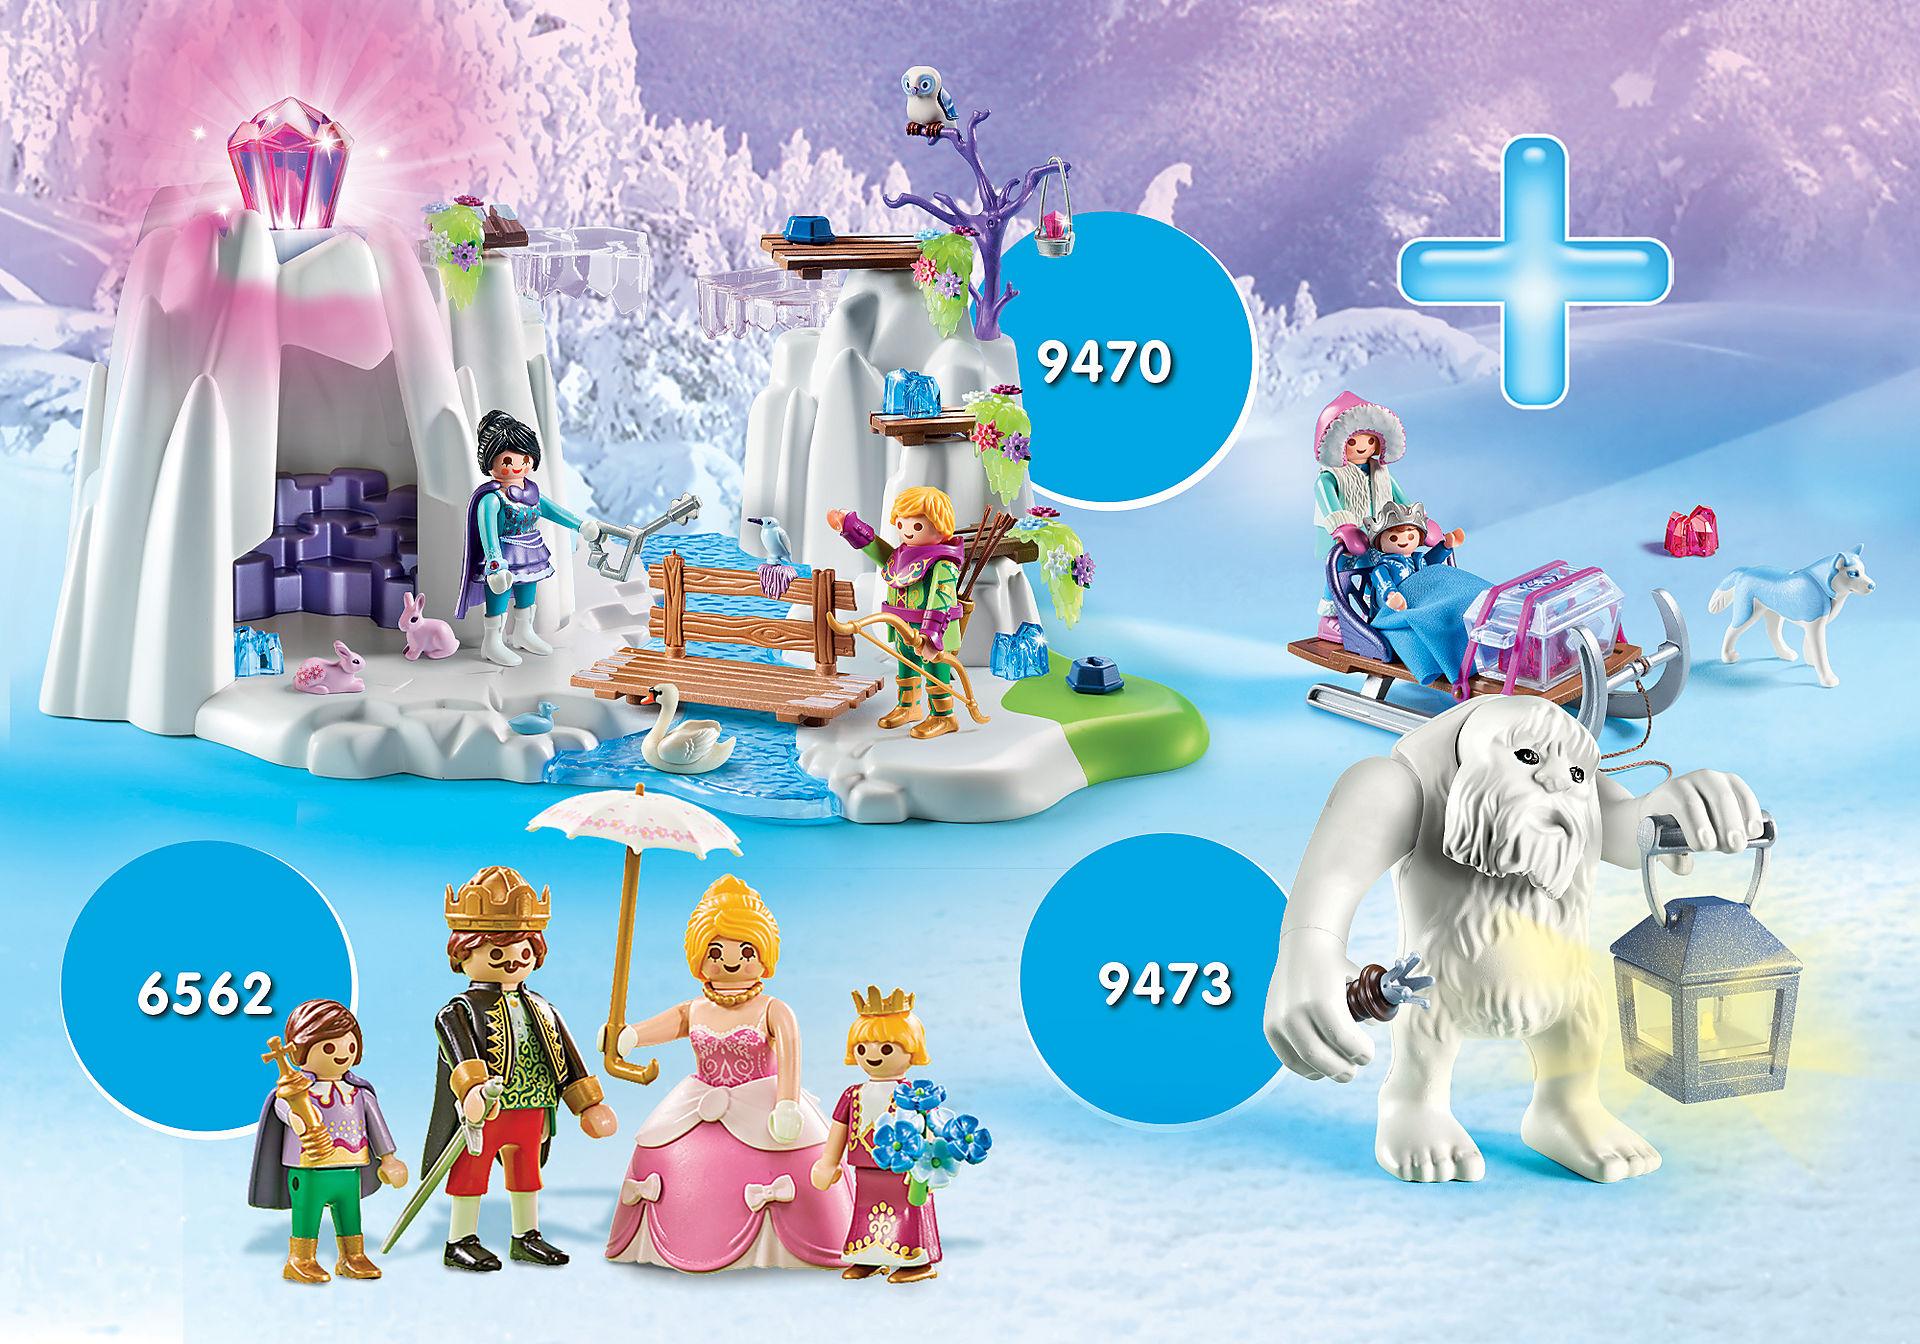 PM2011N Súper Promo Pack Búsqueda del Diamante de Cristal zoom image1